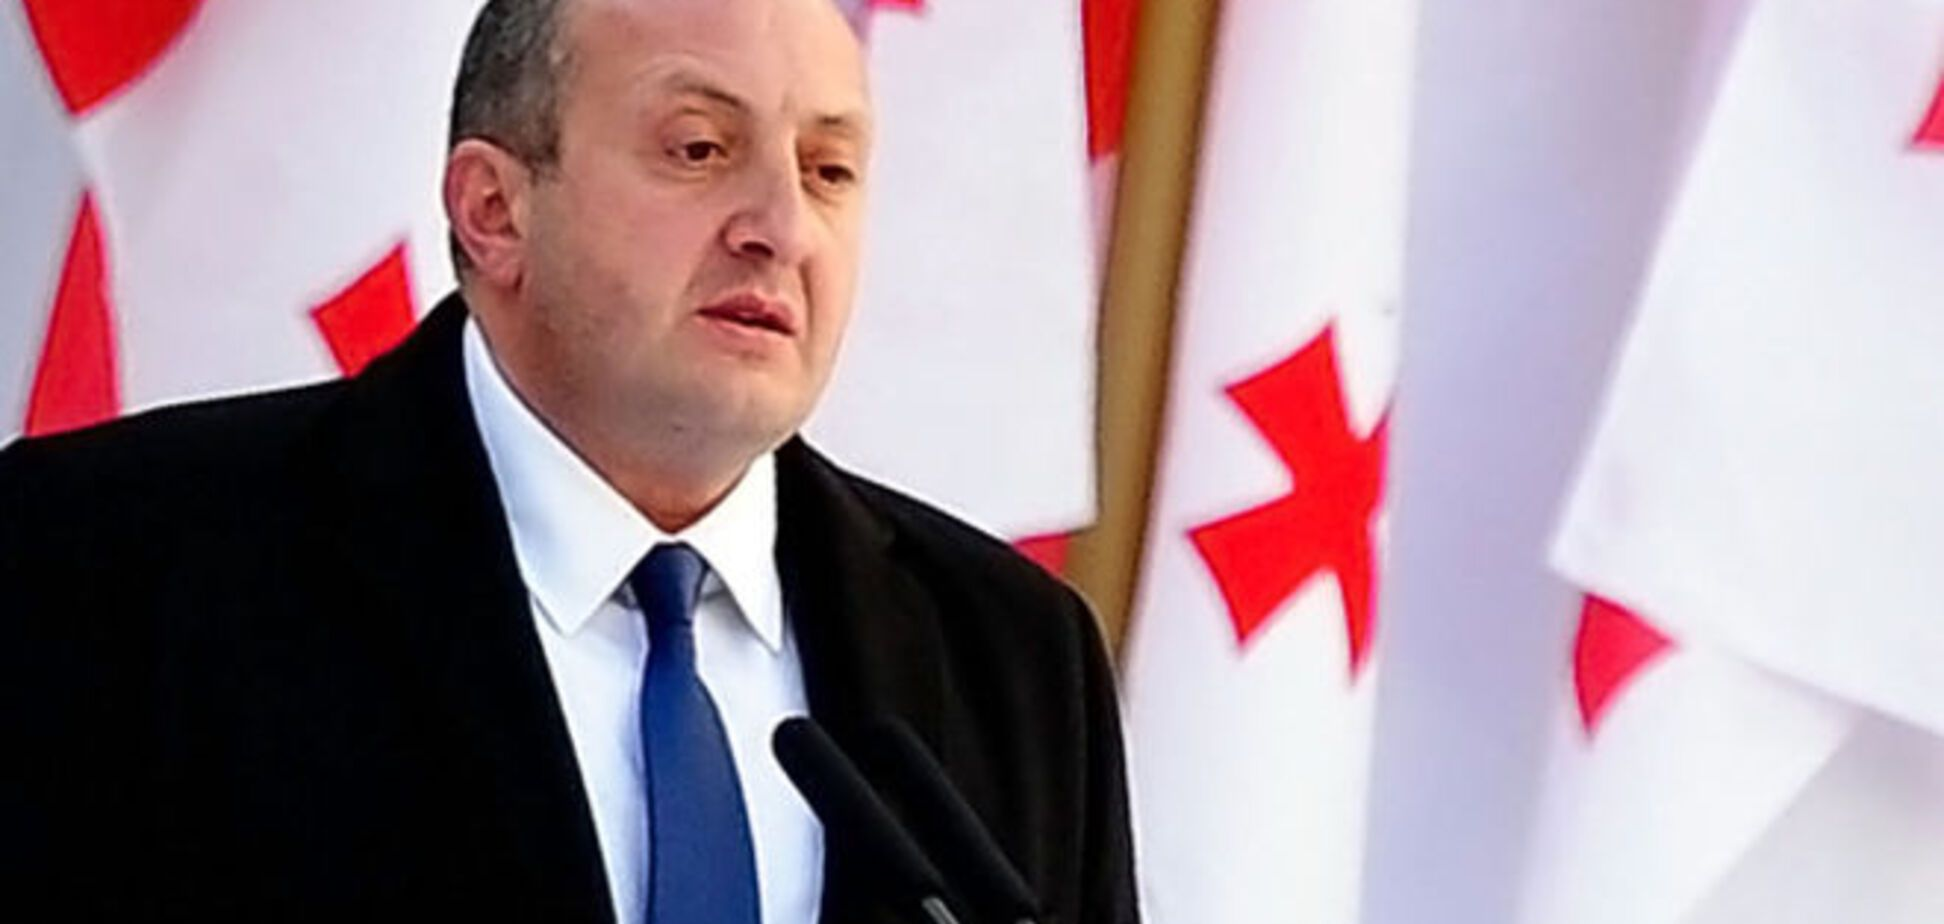 Президент Грузії продав прикраси для допомоги постраждалим від повені